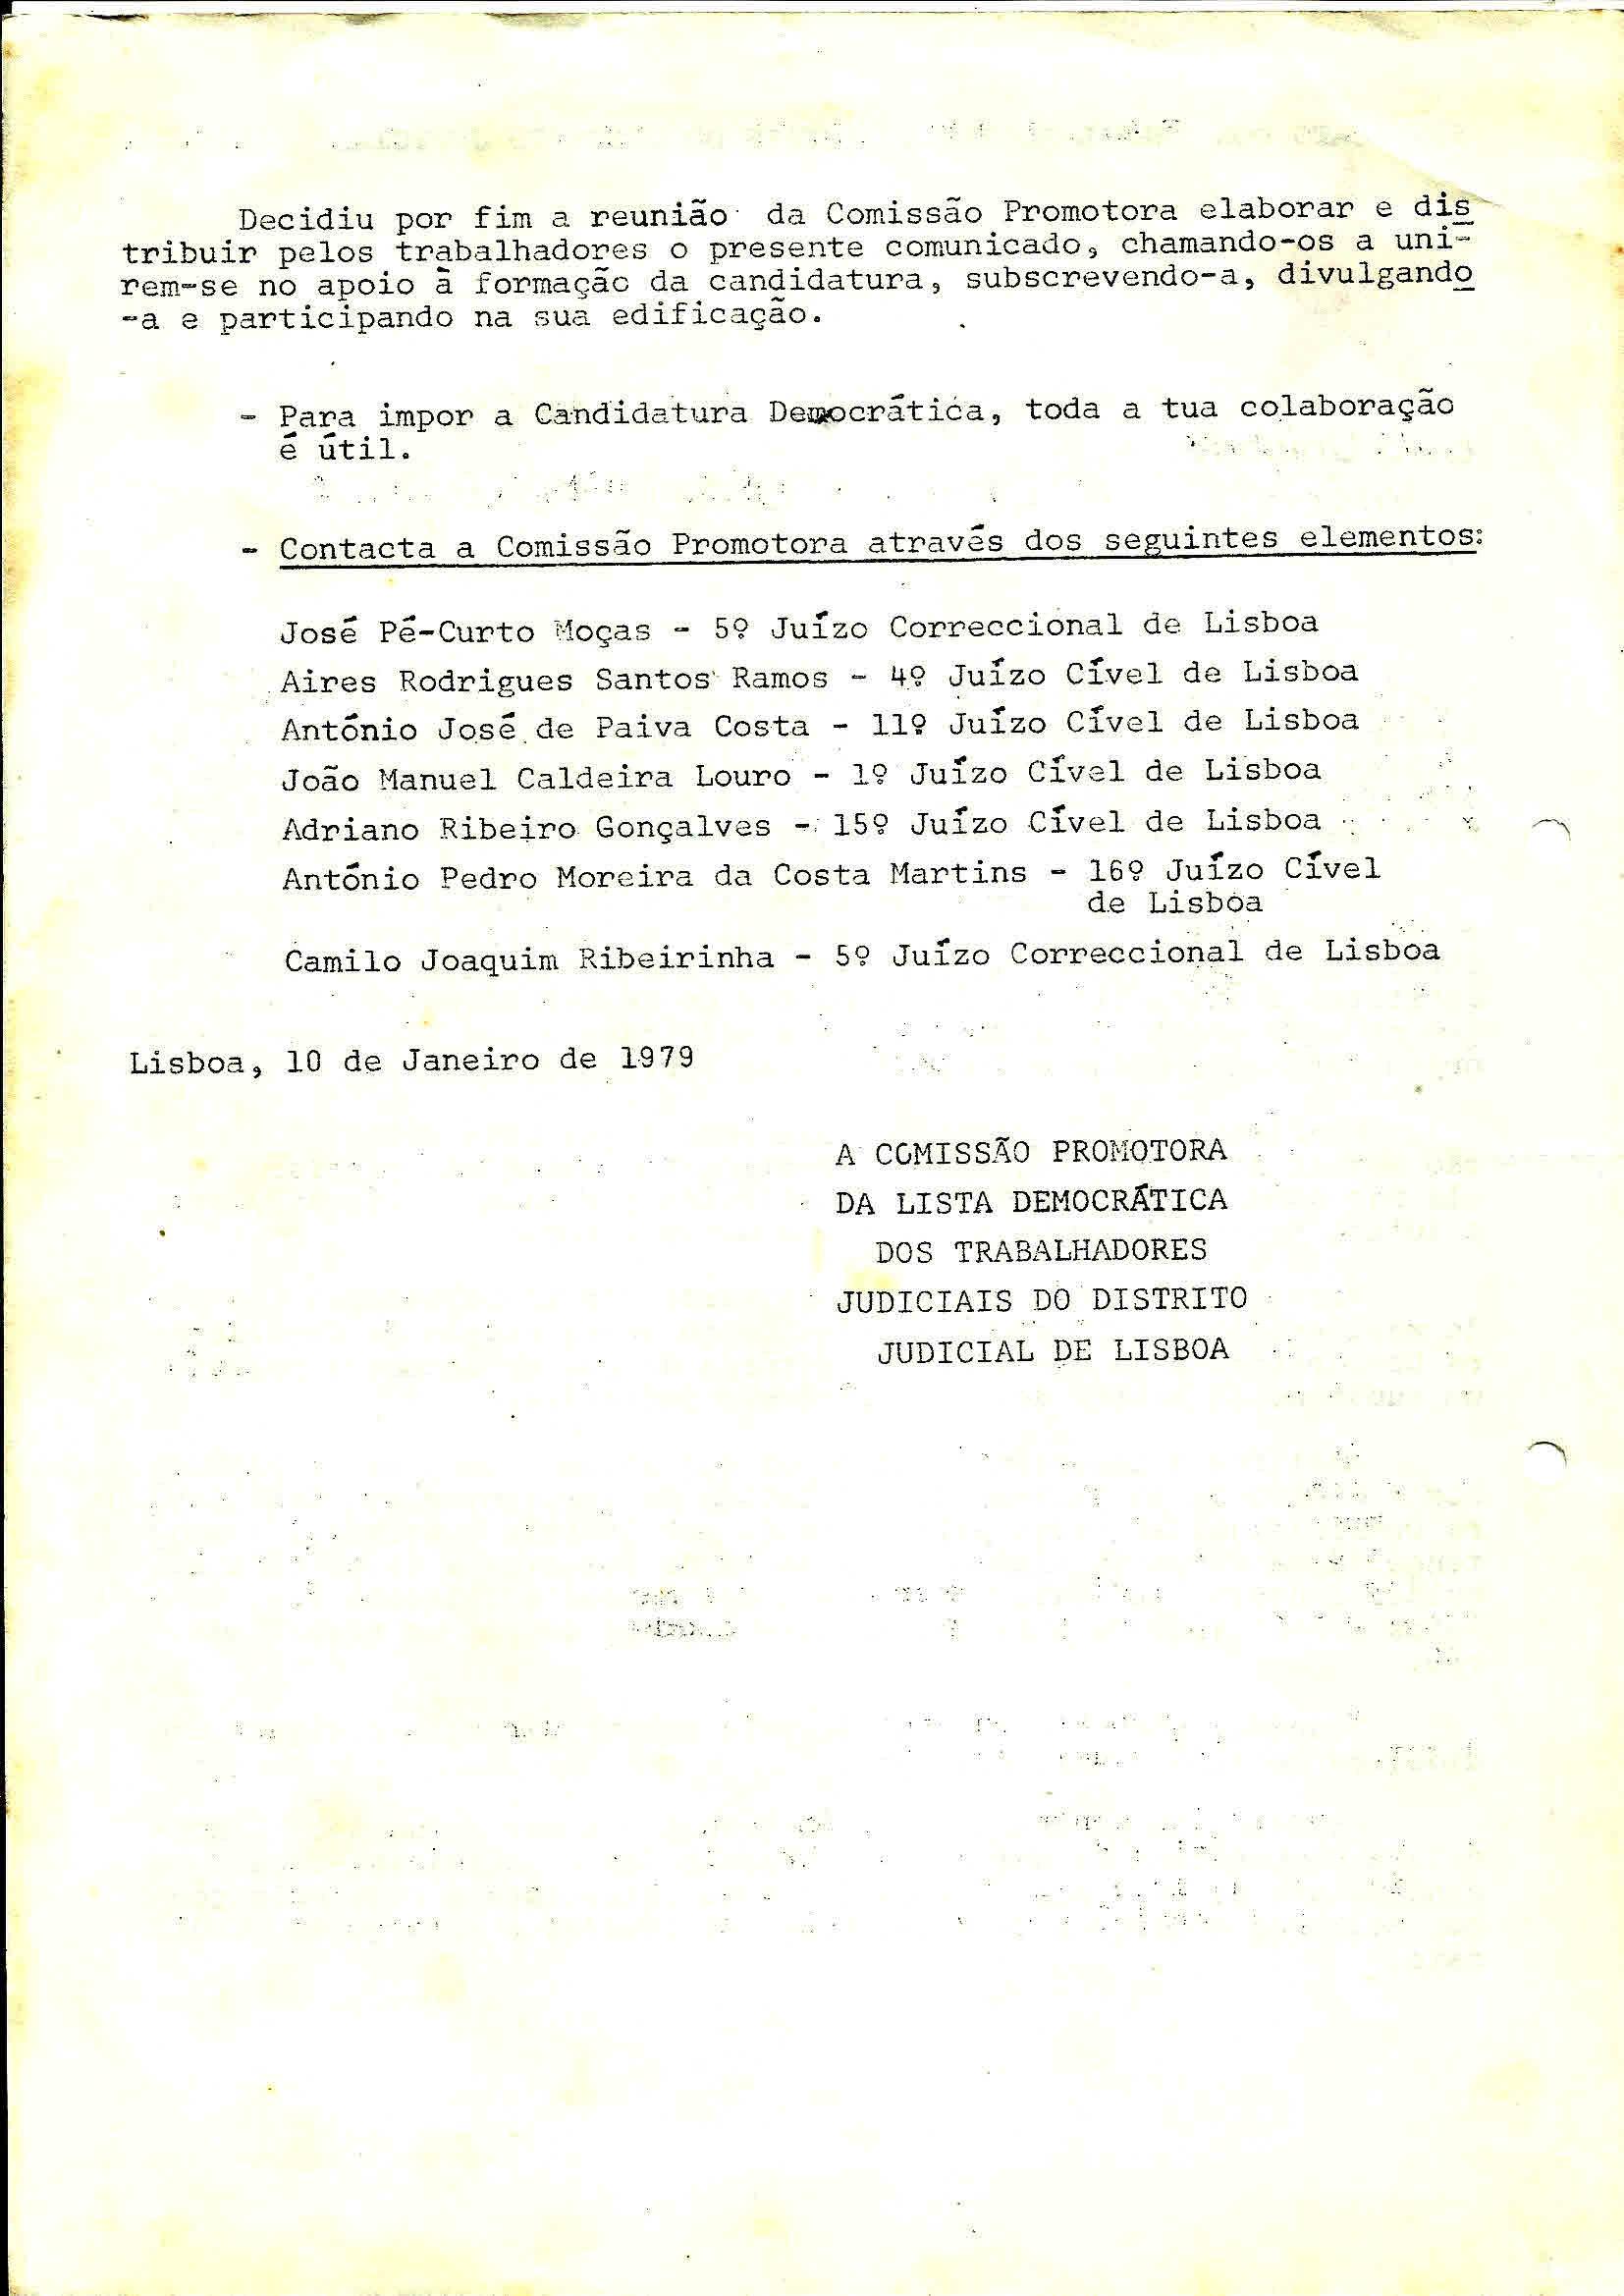 2 Sind Trab Judiciais Apoio Cand Democrática Janeiro 1979 2